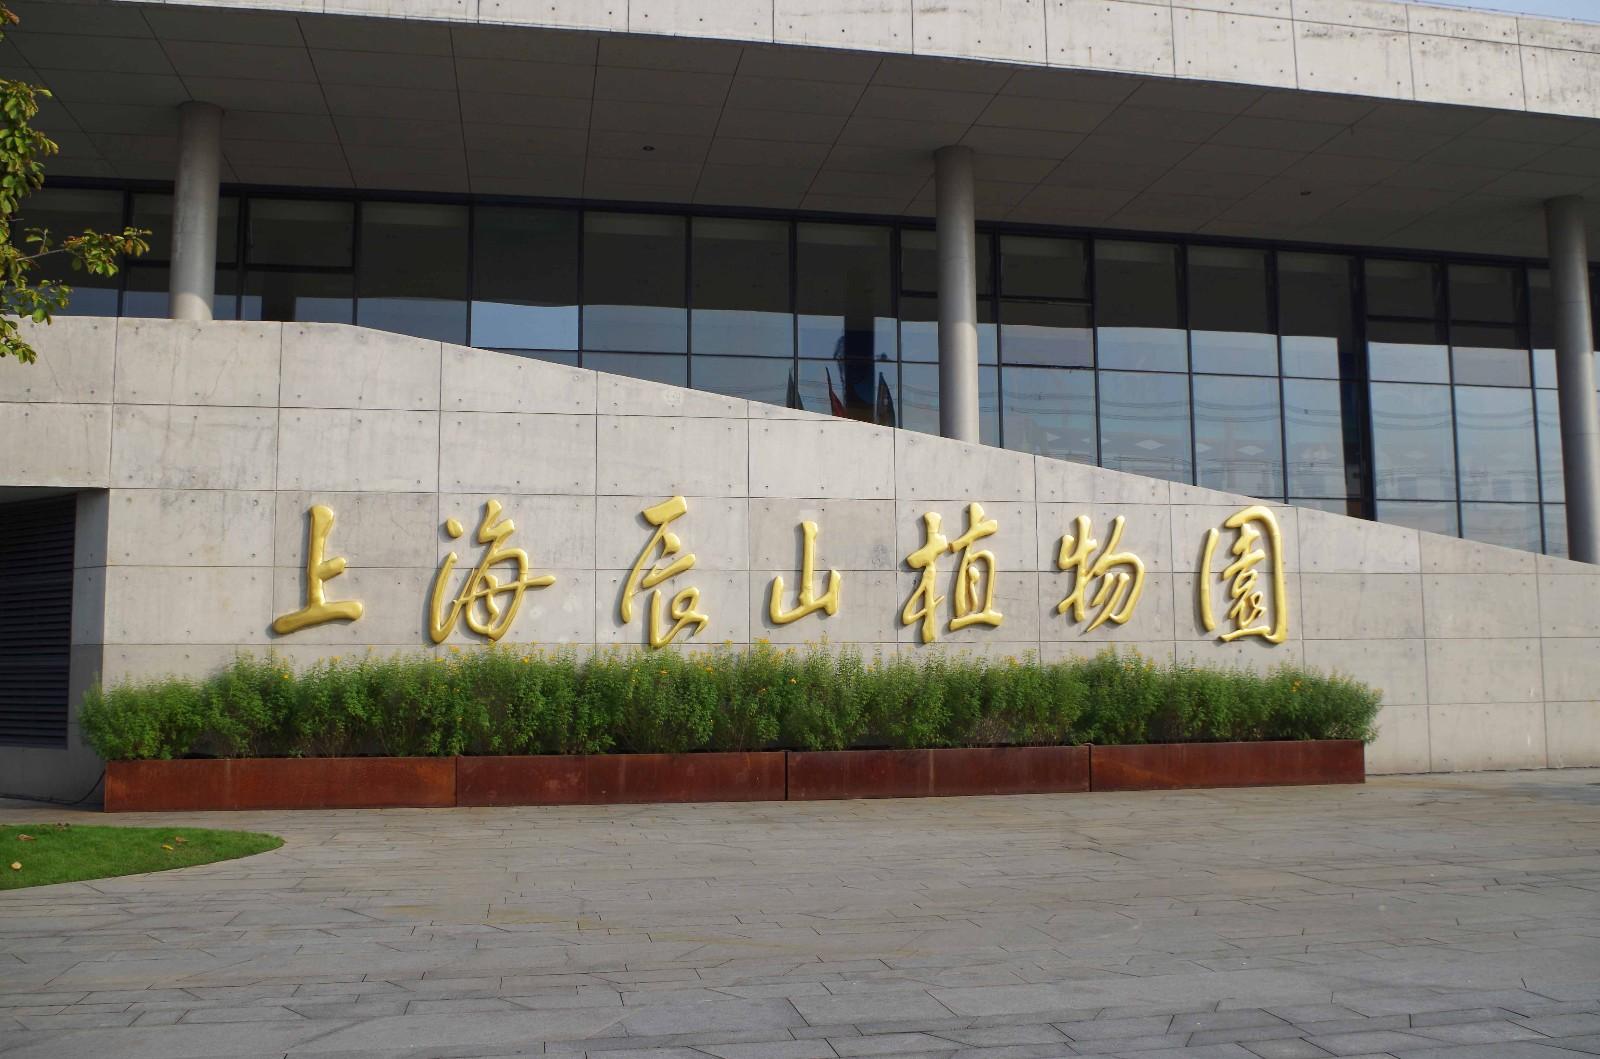 上海辰山植物园 @驴妈妈